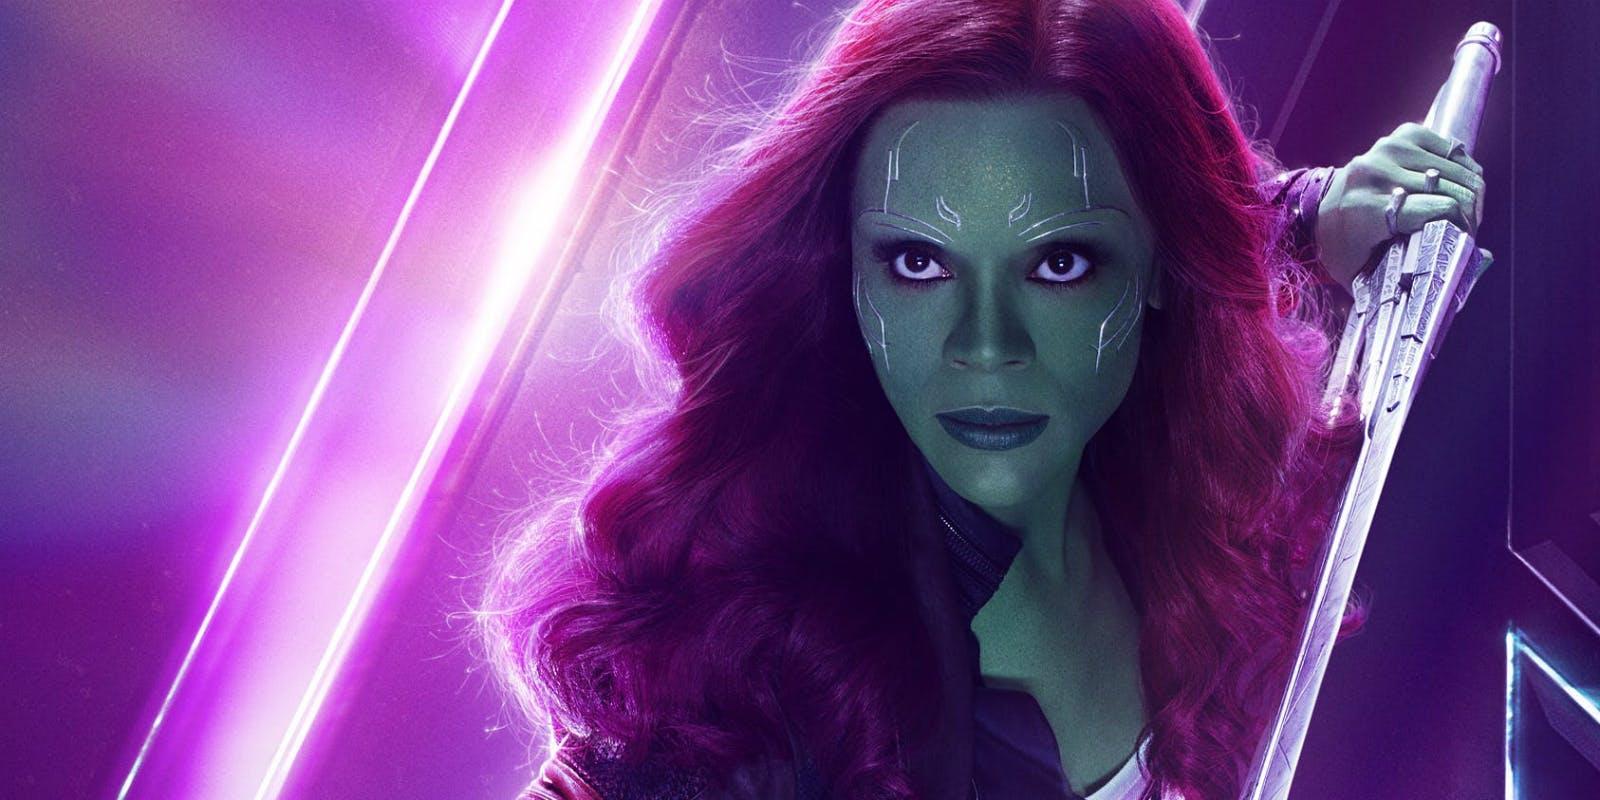 Gamora | Los Vengadores: la guerra del infinto (2018)